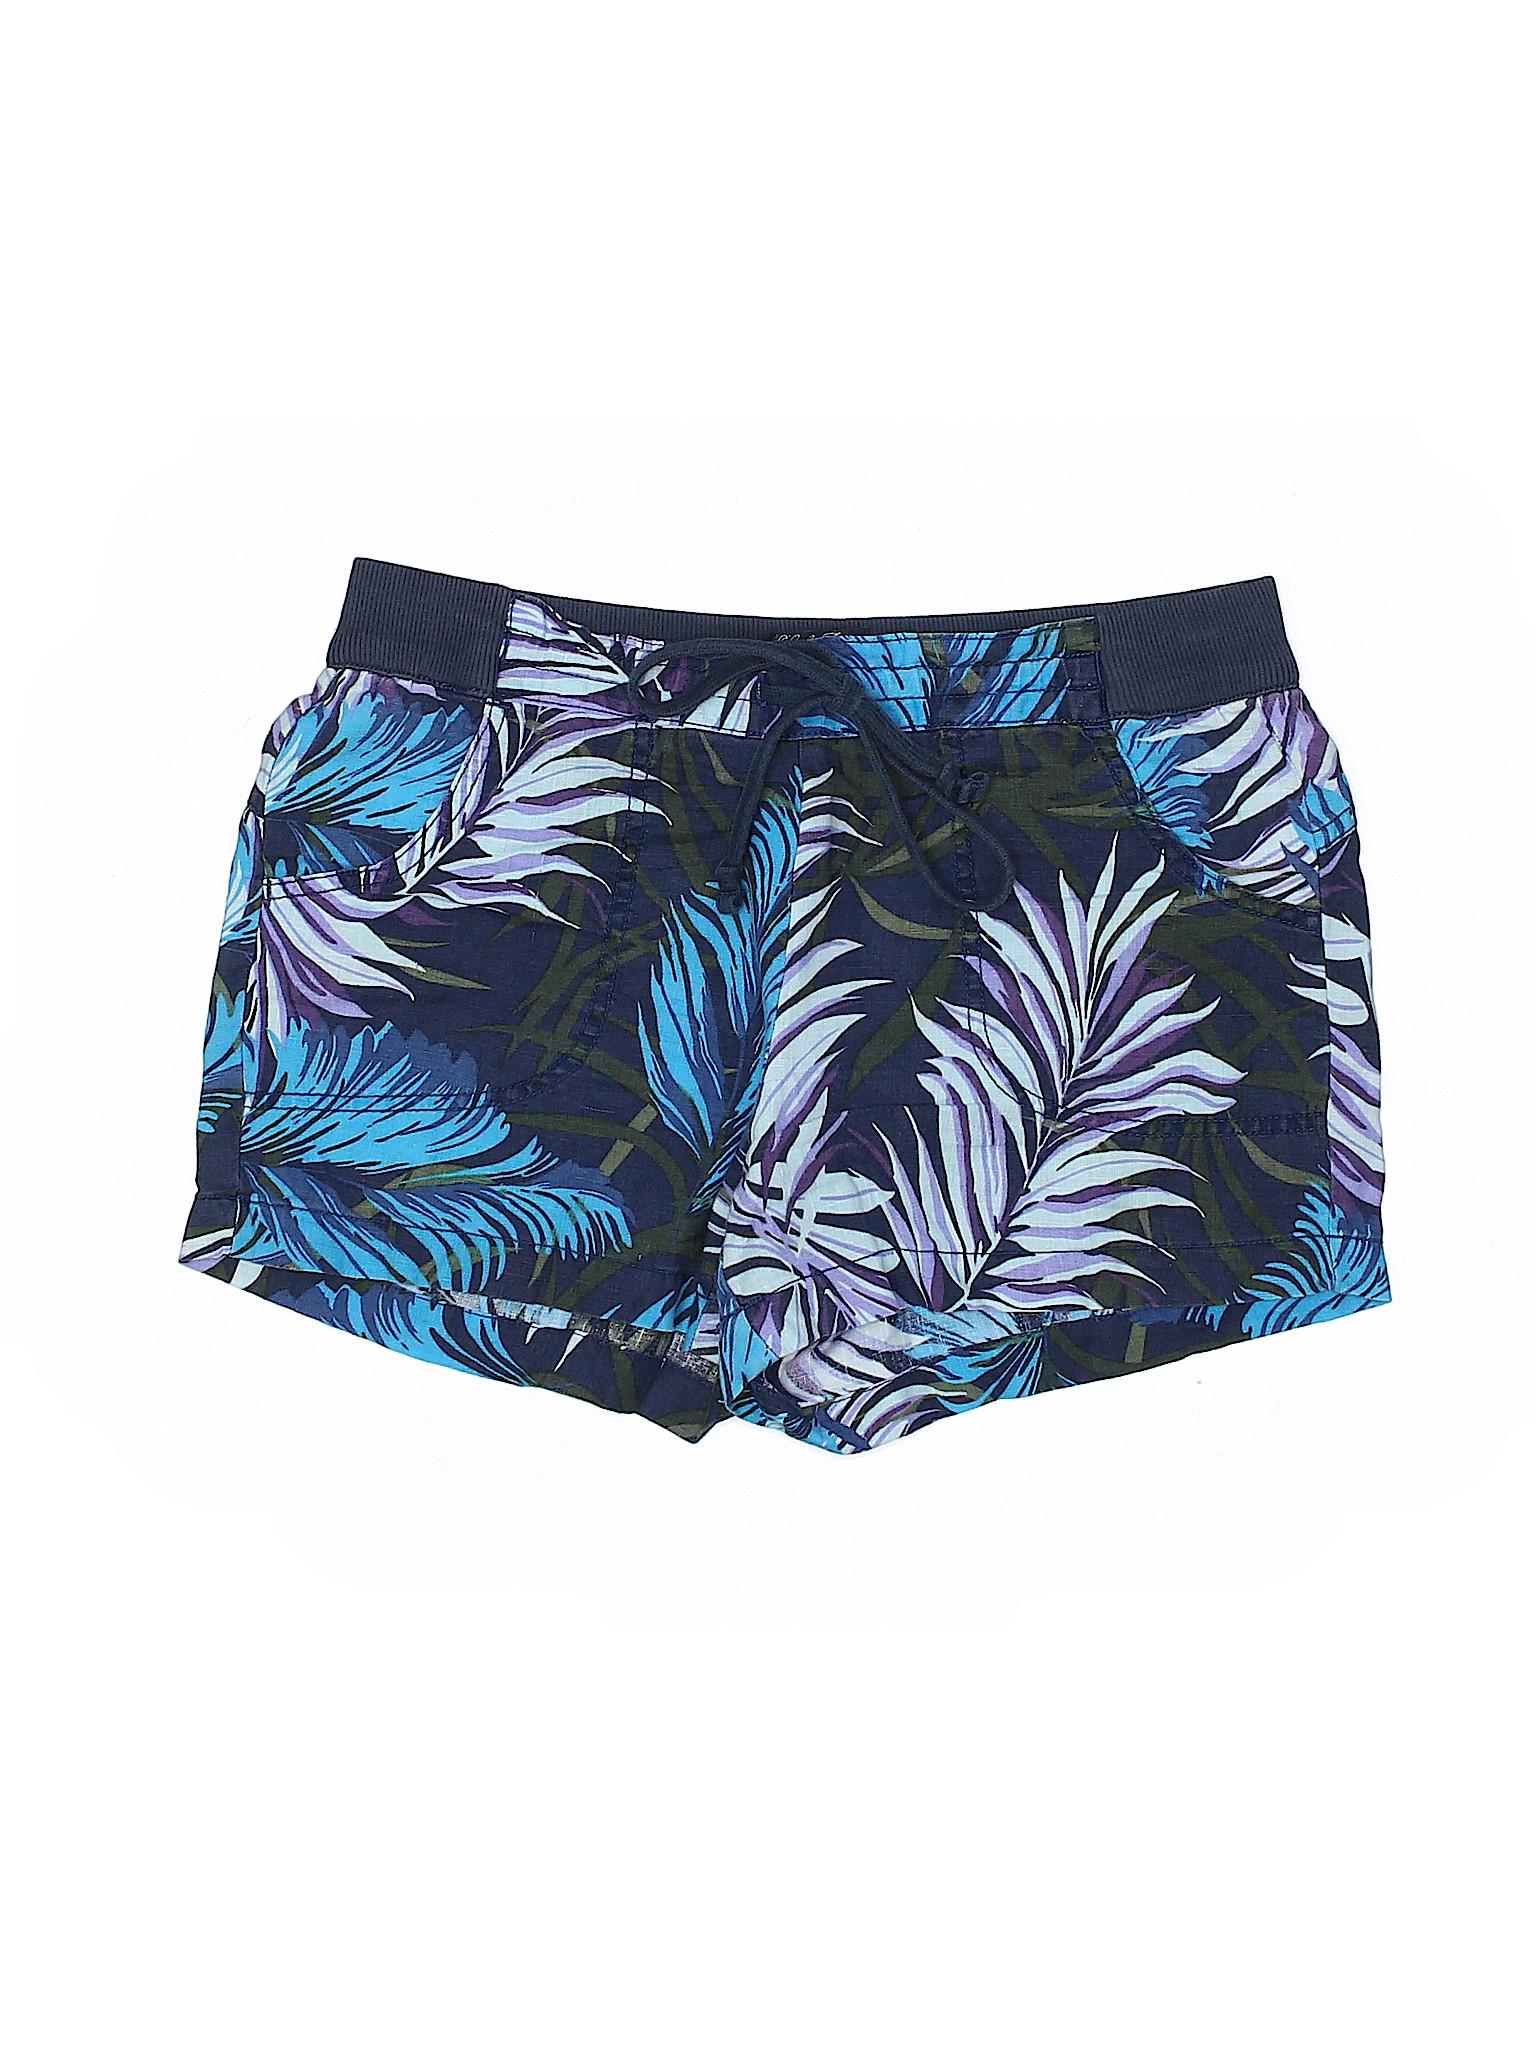 Boutique Boutique leisure Boutique leisure Brand Brand Lucky leisure Shorts Lucky Lucky Shorts x650qpFwpX